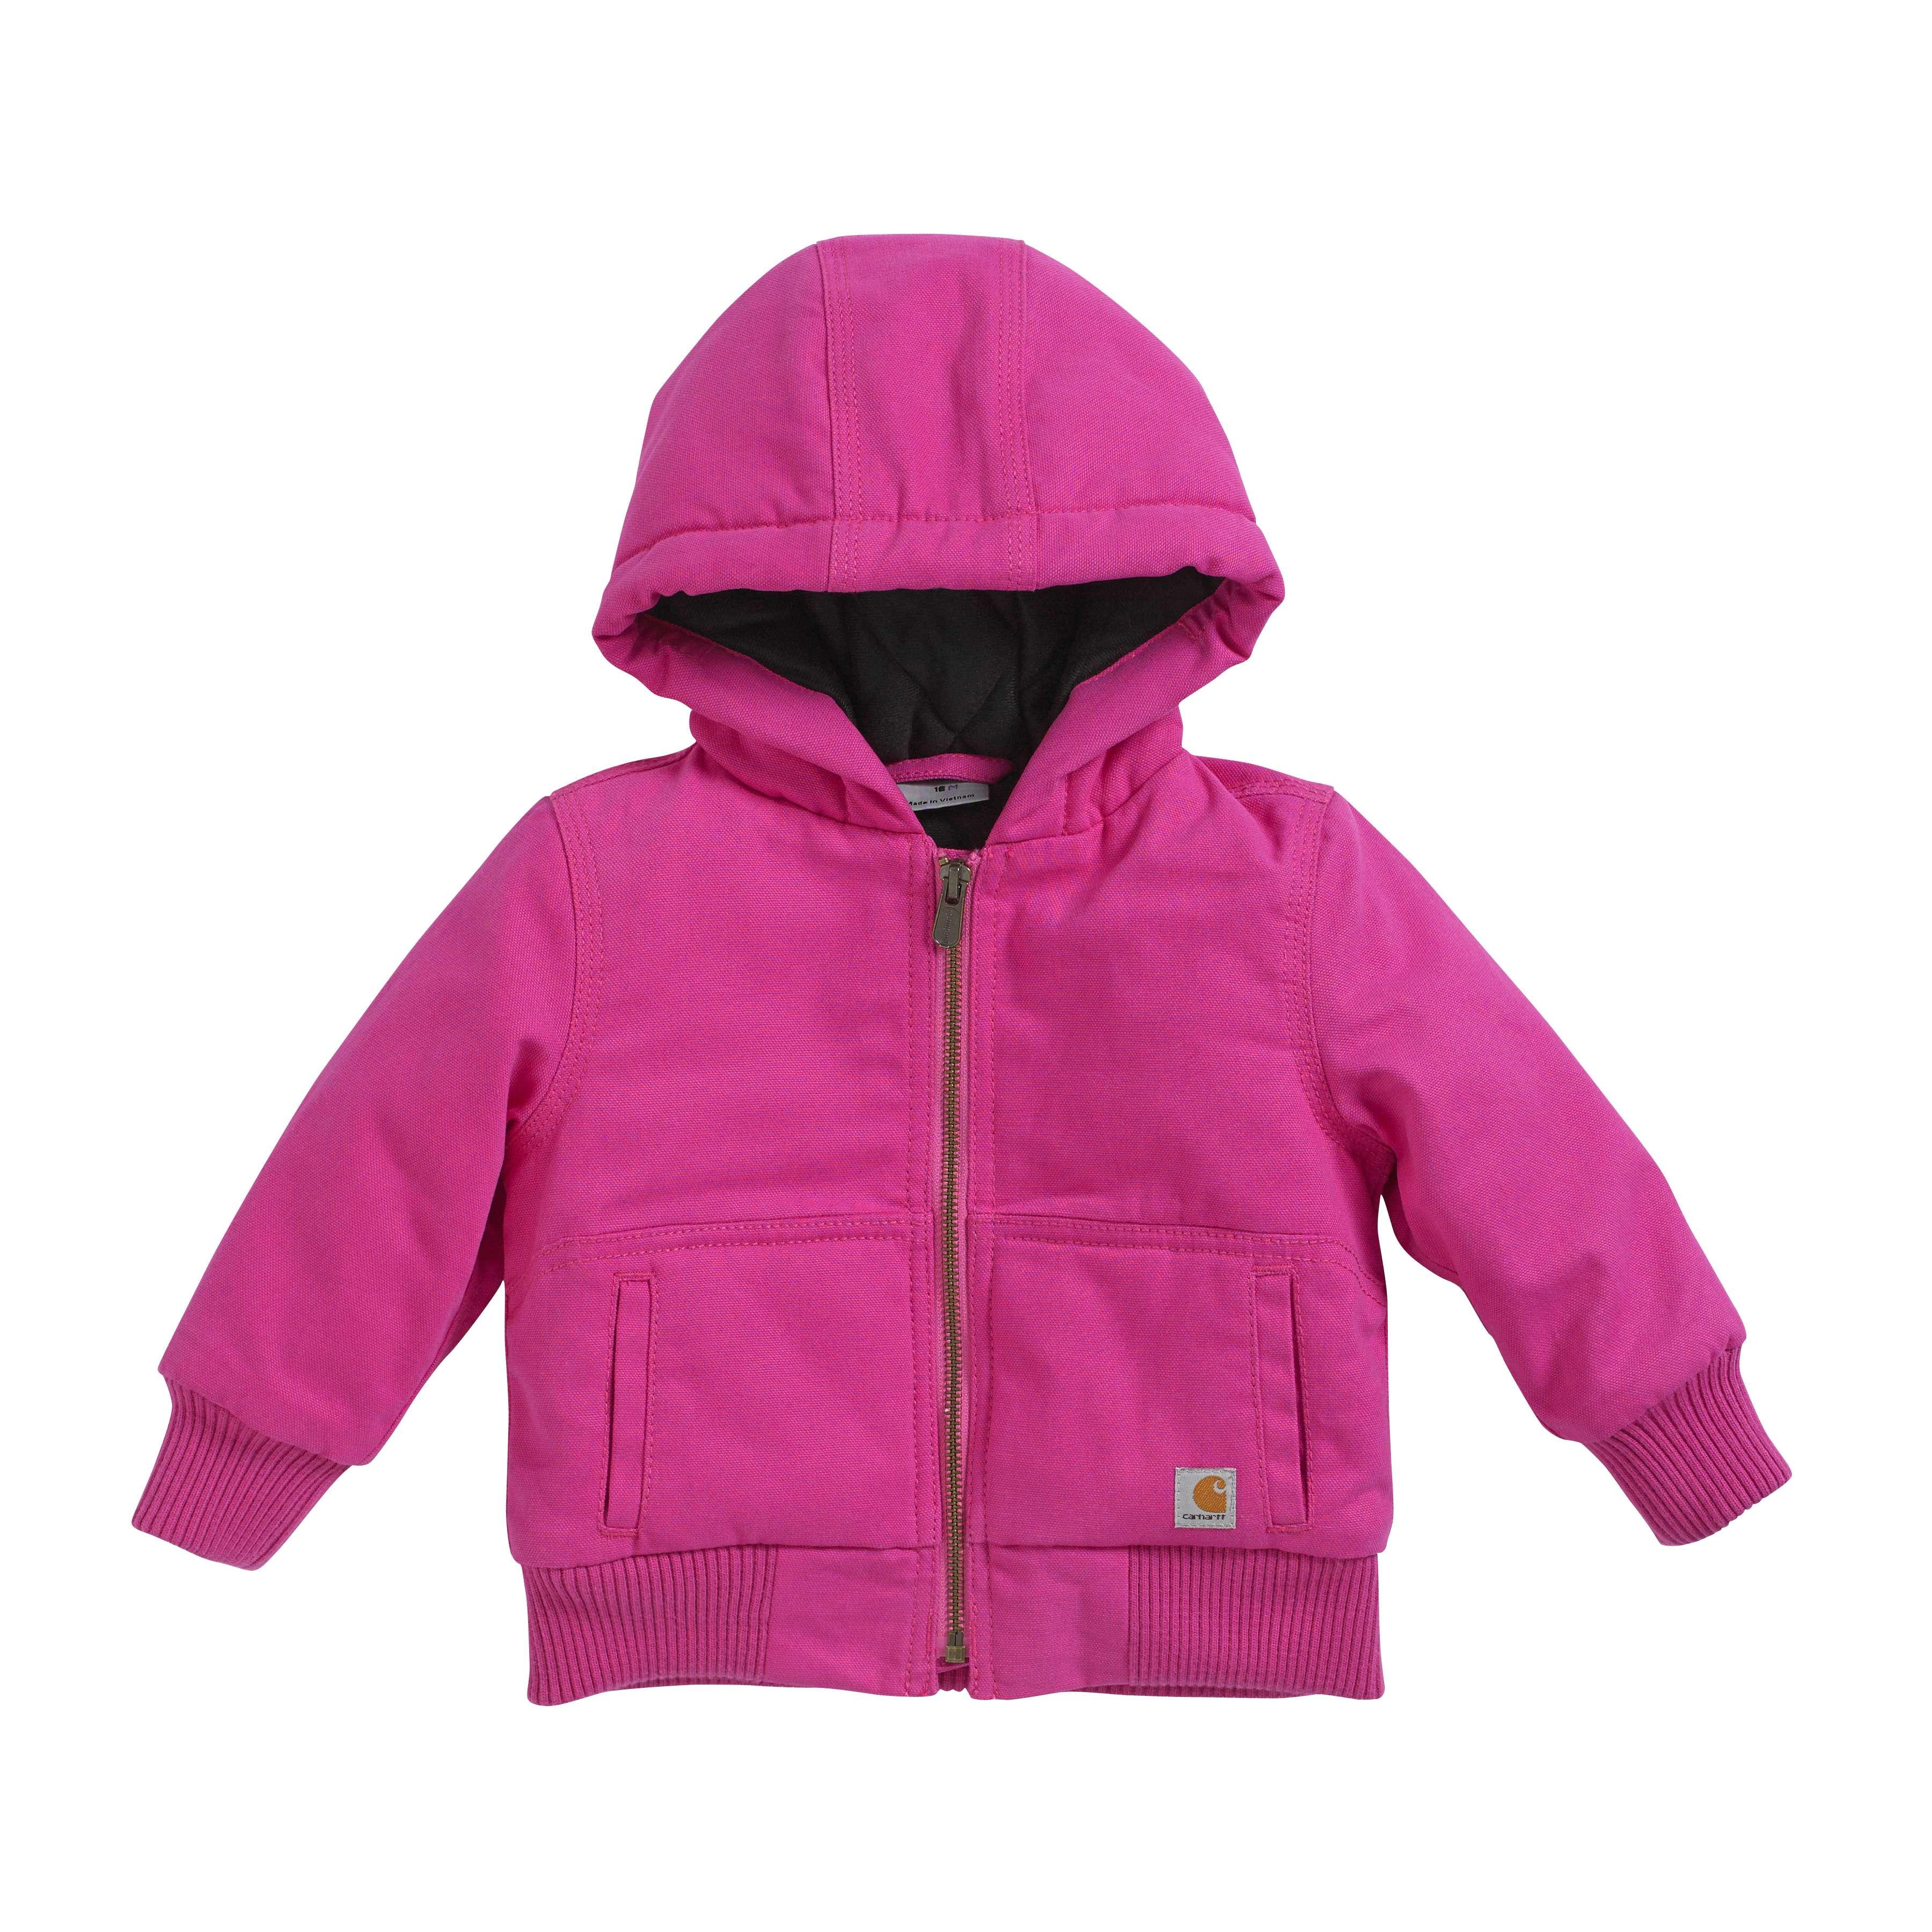 Carhartt Wildwood Jacket